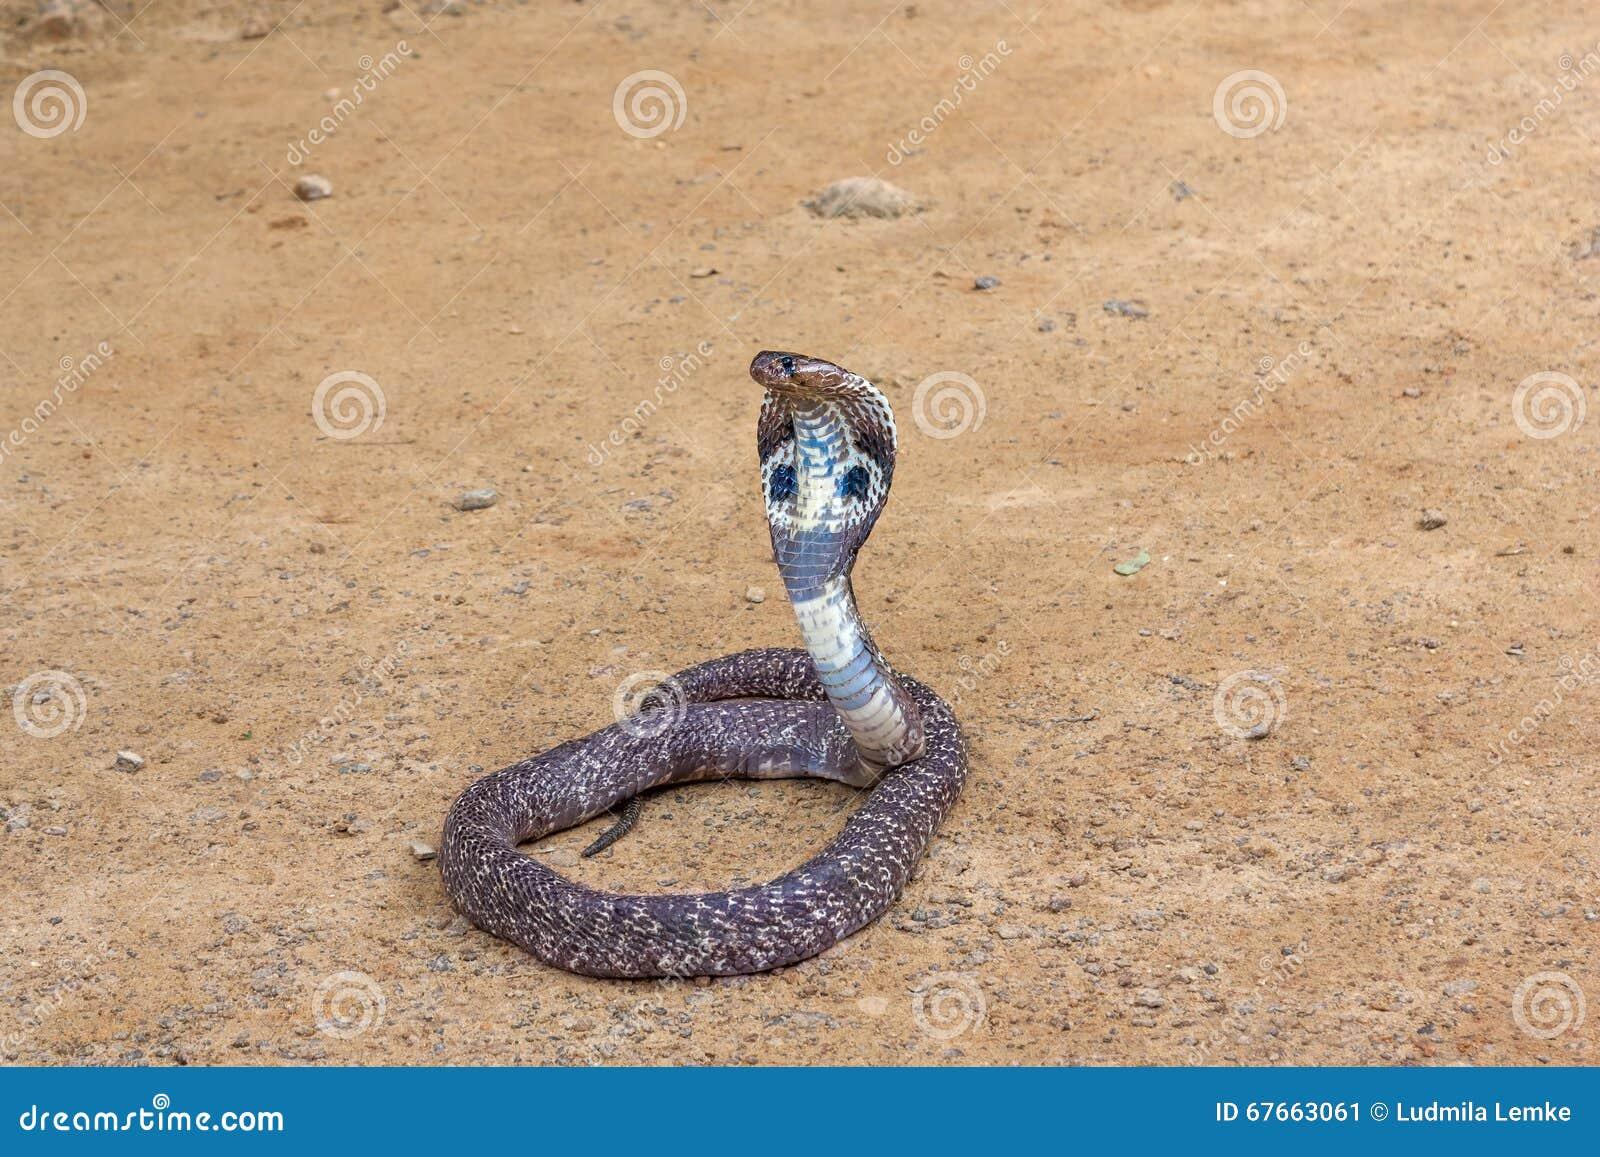 змея в маске какое место заняла